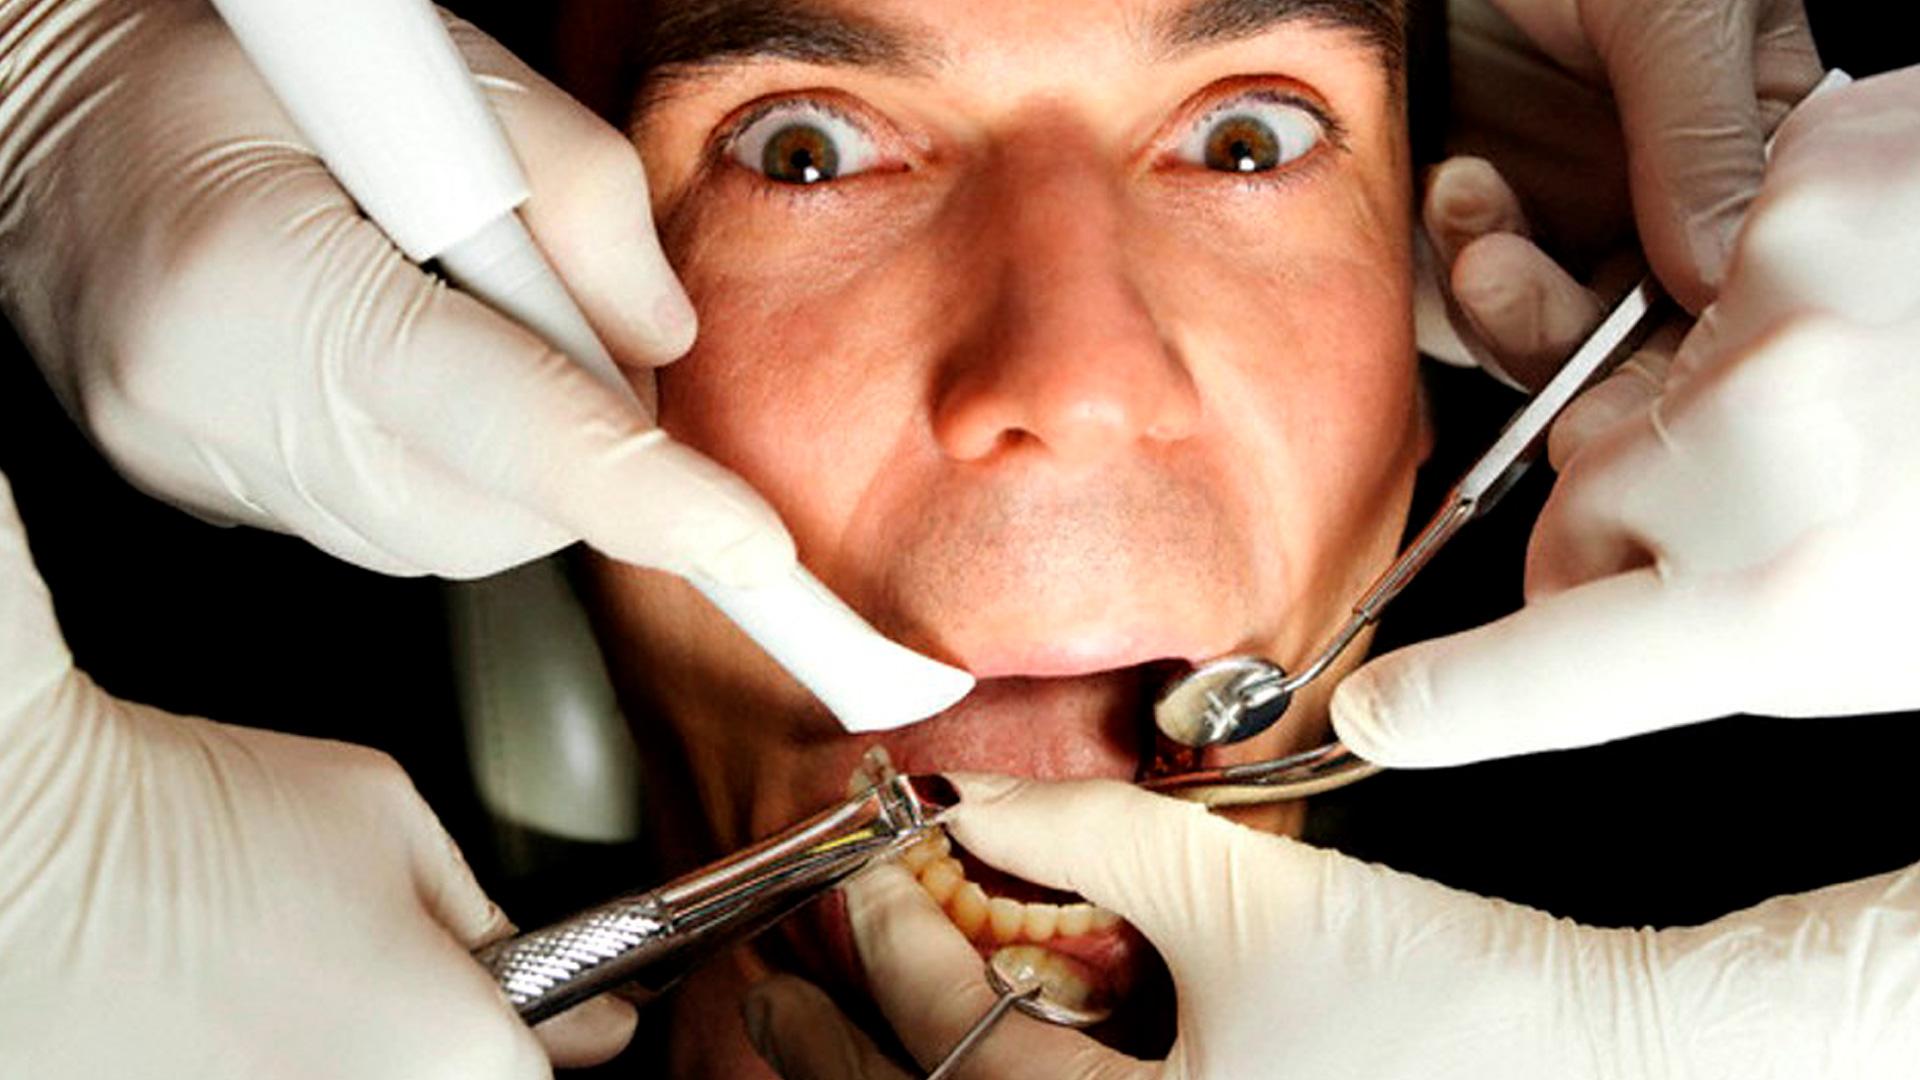 <p>En esta Masterclass <strong>Lenguaje corporal: ansiedad dental</strong>, impartida por Brendan Maloney, veremos una serie de consejos para relajar a los pacientes contemplando la mejor manera de identificar y tratar a pacientes con ansiedad extrema a trav&eacute;s del <strong>lenguaje corporal</strong>.<br /> <br /> La fobia dental sigue siendo una realidad para muchos pacientes hoy en d&iacute;a. Gracias a esta Masterclass, <strong>Lenguaje corporal: ansiedad dental</strong>, aprender&aacute;s a ayudar a estos pacientes que sufren ansiedad dental interpretando el <strong>lenguaje corporal</strong> que utilizan. En definitiva, conocer el significado de la comunicaci&oacute;n no verbal y el <strong>lenguaje corporal</strong>, te ser&aacute; de gran ayuda para poder ayudar y tratar a los pacientes que acuden a tu cl&iacute;nica dental con ansiedad extrema para poder ofrecerles as&iacute; el mejor tratamiento adapt&aacute;ndolo a las necesidades de cada paciente.<br /> <br /> Todas nuestras Masterclass est&aacute;n impartidas por los mayores expertos en gesti&oacute;n de cl&iacute;nicas. Gracias a nuestra Masterclass <strong>Lenguaje corporal: ansiedad dental</strong> y otras como esta, que forman parte de la serie <strong>Ventajas competitivas para cl&iacute;nicas dentales</strong>, podr&aacute;s desarrollar y actualizar tus conocimientos sobre un modelo de gesti&oacute;n operativo que sirva de base para organizar la producci&oacute;n, la atenci&oacute;n al paciente, la estrategia de comunicaci&oacute;n y marketing y la estructura econ&oacute;mico financiera. Esta Sesi&oacute;n permite a los responsables de la cl&iacute;nica entender la importancia y utilidad de conocer el <strong>lenguaje corporal</strong> para mejorar la atenci&oacute;n al paciente, alcanzando una formaci&oacute;n avanzada y permiti&eacute;ndote profundizar en el <strong>lenguaje corporal</strong> con criterios cient&iacute;ficos y de excelencia, abordando las &uacute;ltimas tendencias y t&eacute